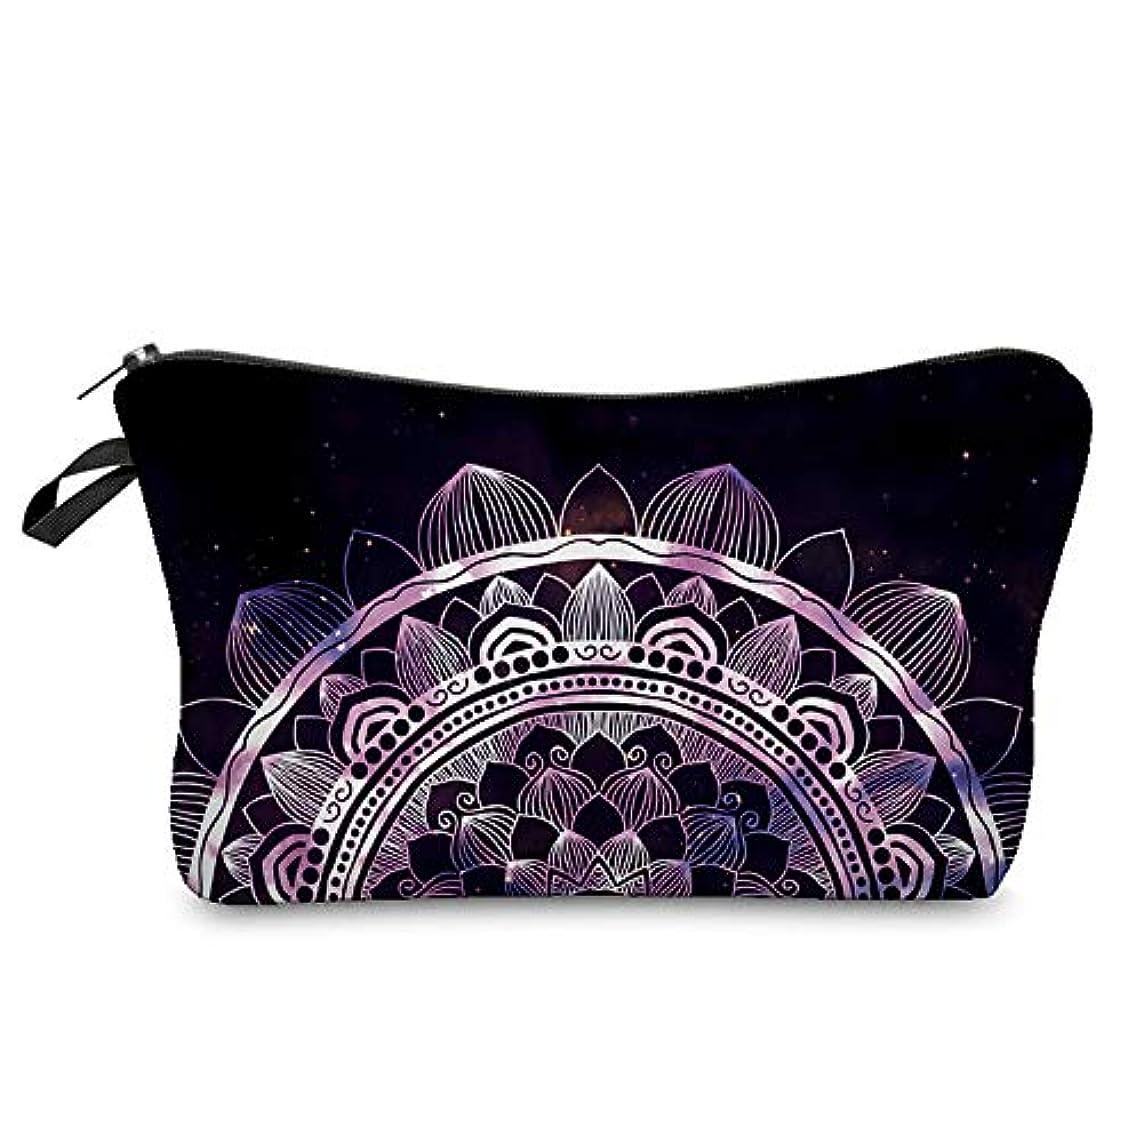 刃壁紙ポール1st market 優れた3D曼荼羅印刷化粧品オーガナイザーバッグ女性旅行化粧ポーチ